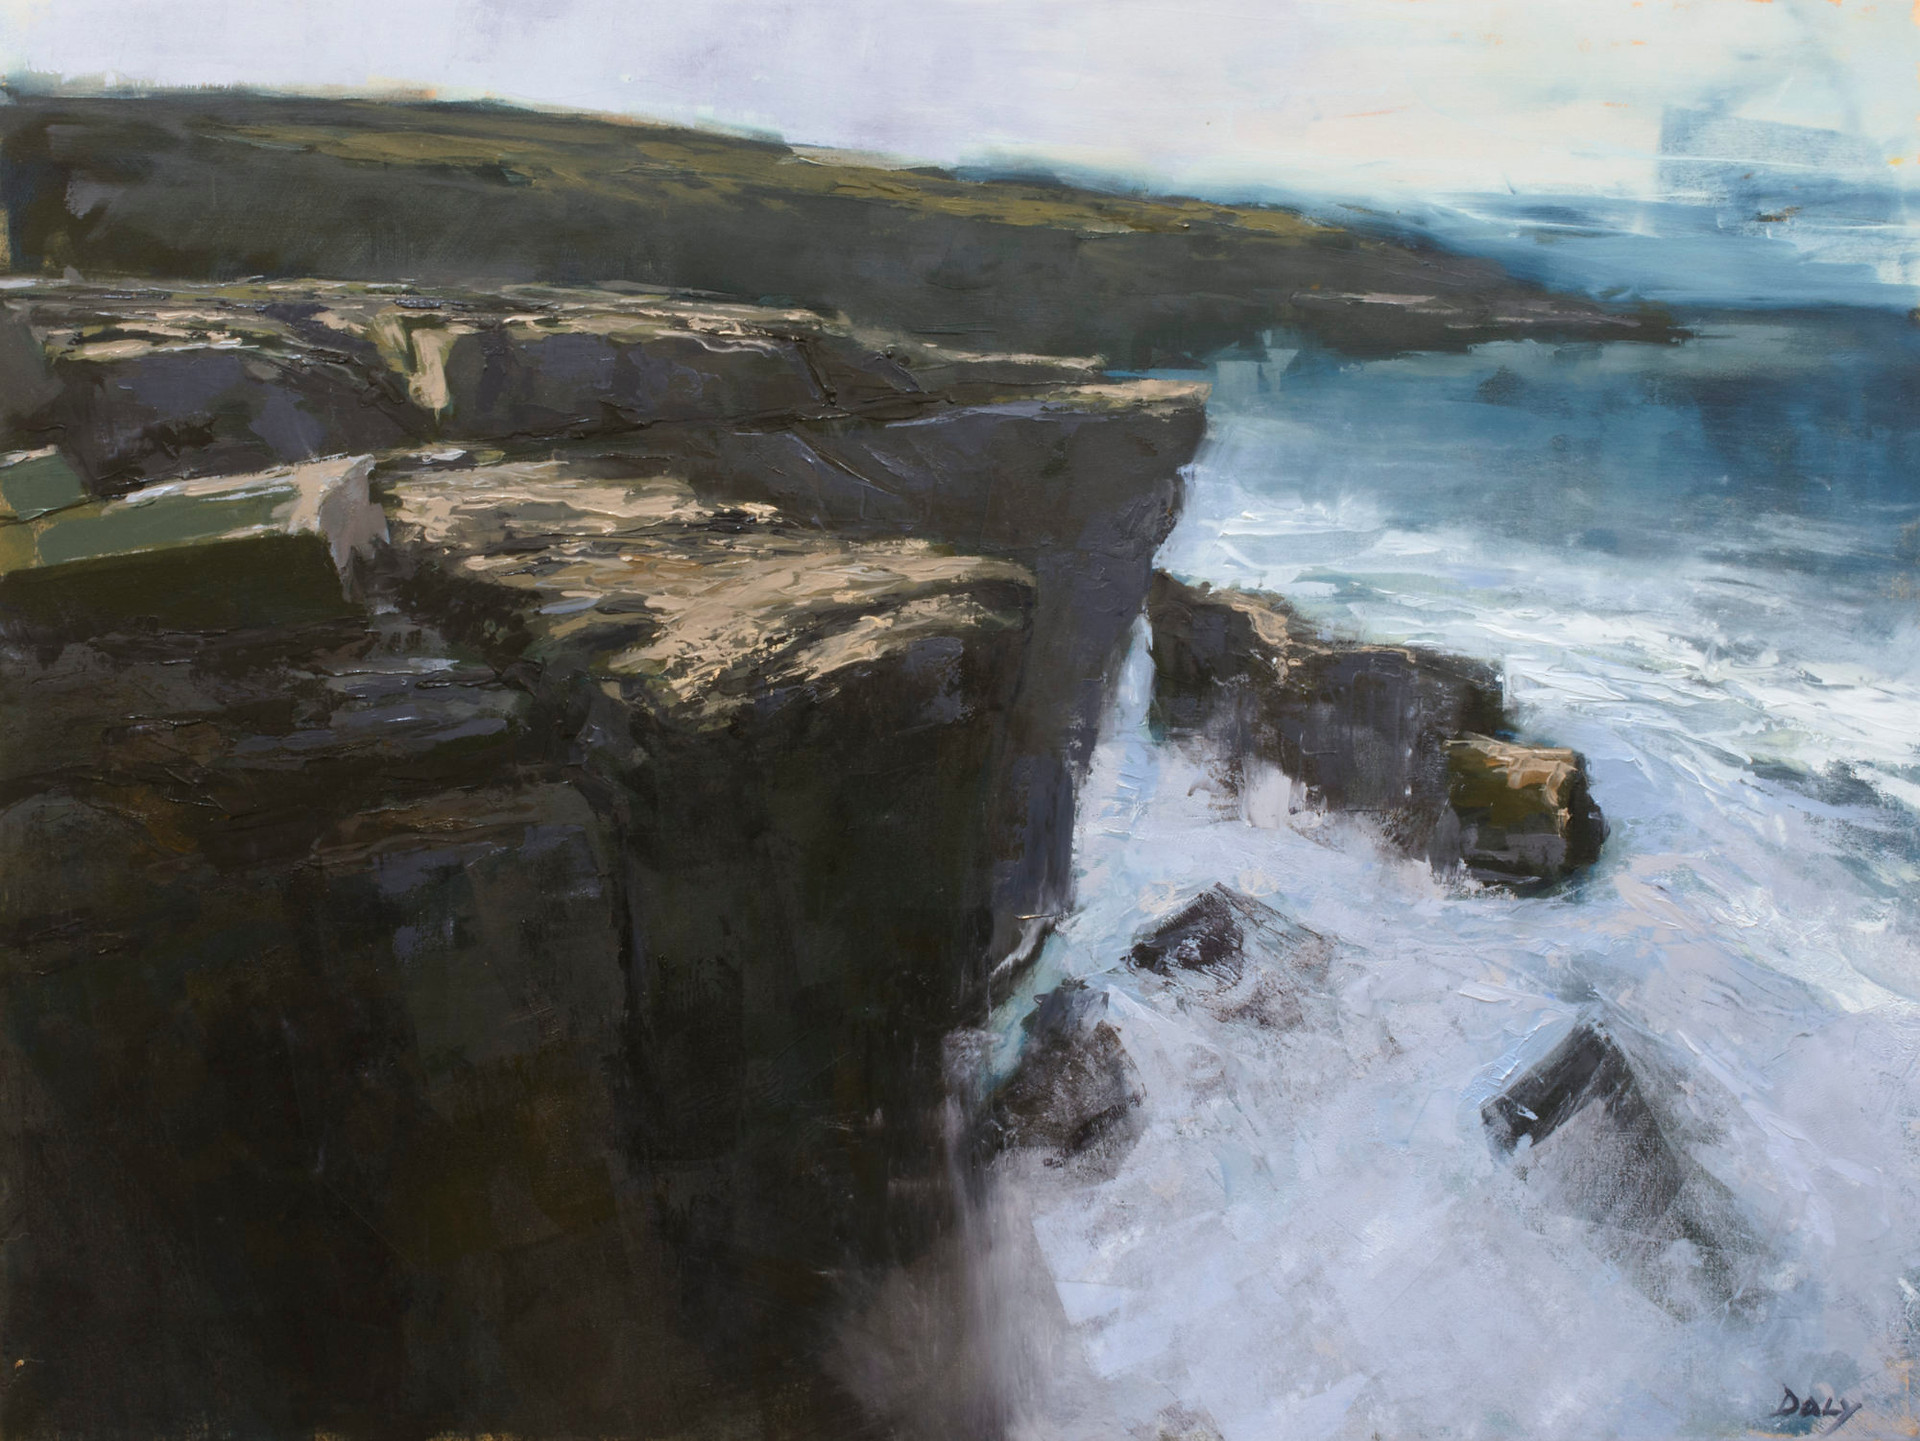 Precipice - 60x80cm oil/canvas 2020